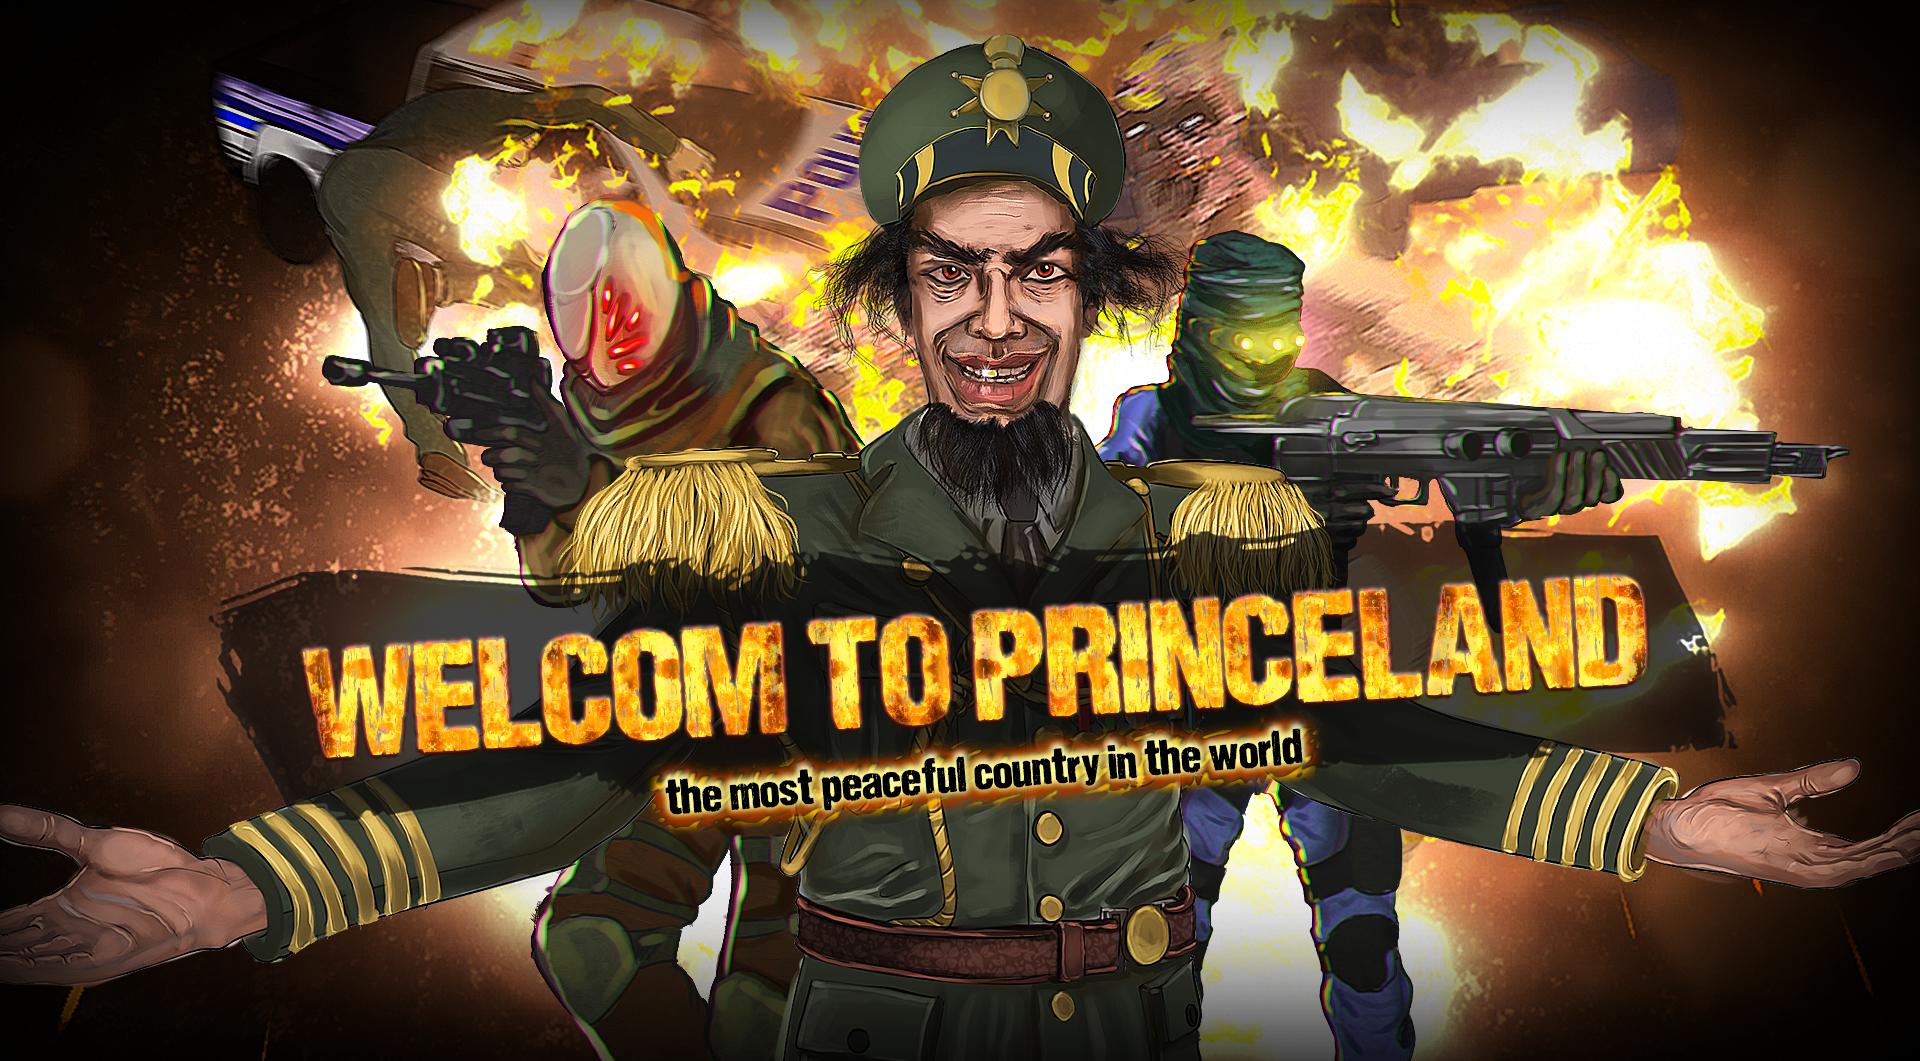 Welcom to Princeland